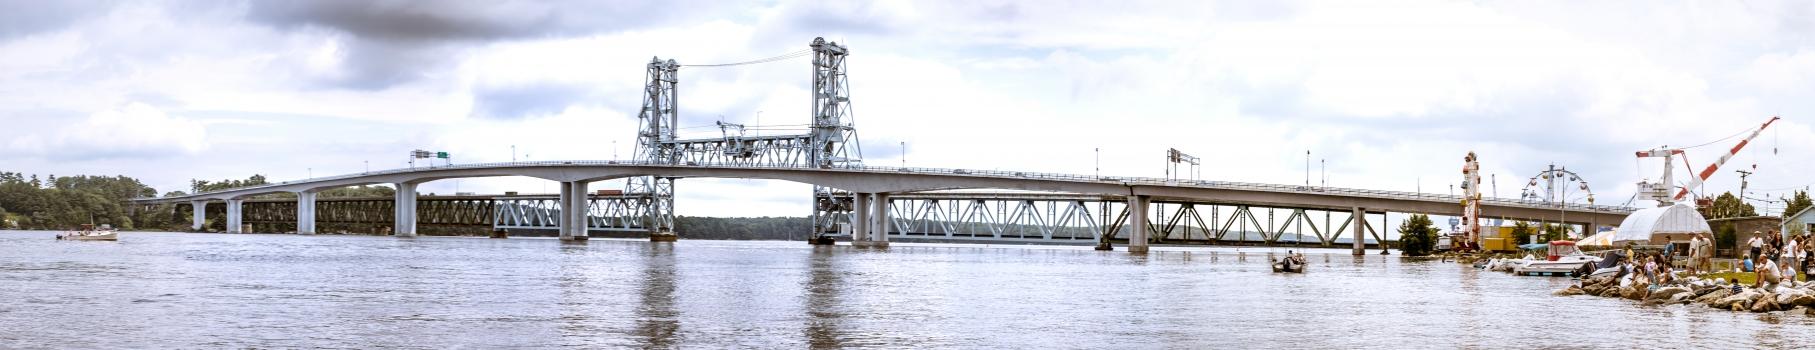 Sagadahoc Bridge